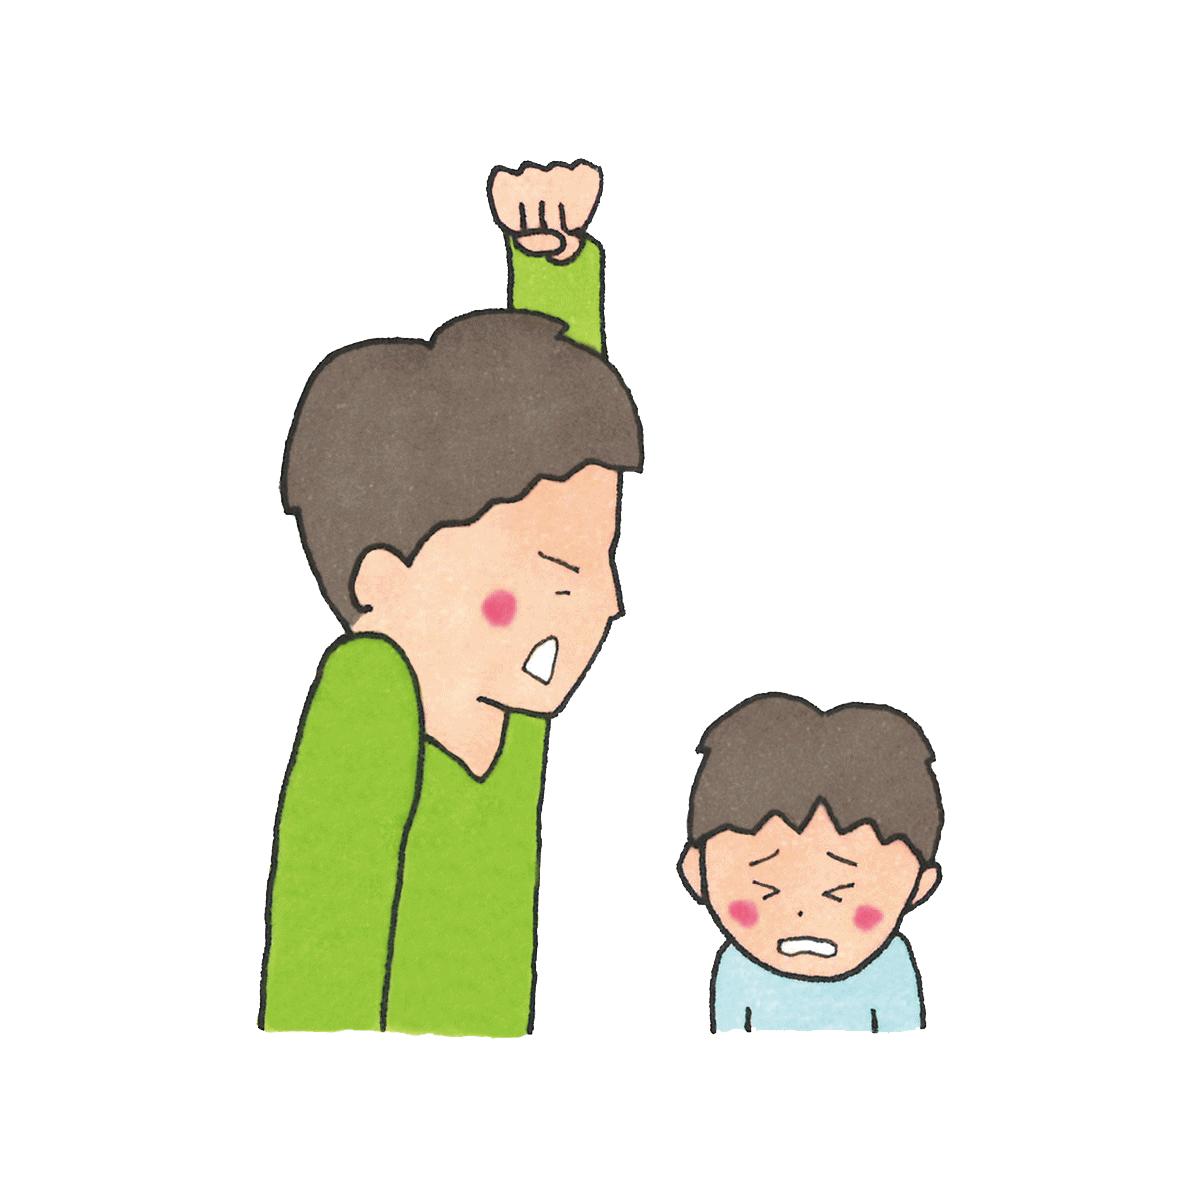 毒親である父親の子育ての特徴を表わすイラスト